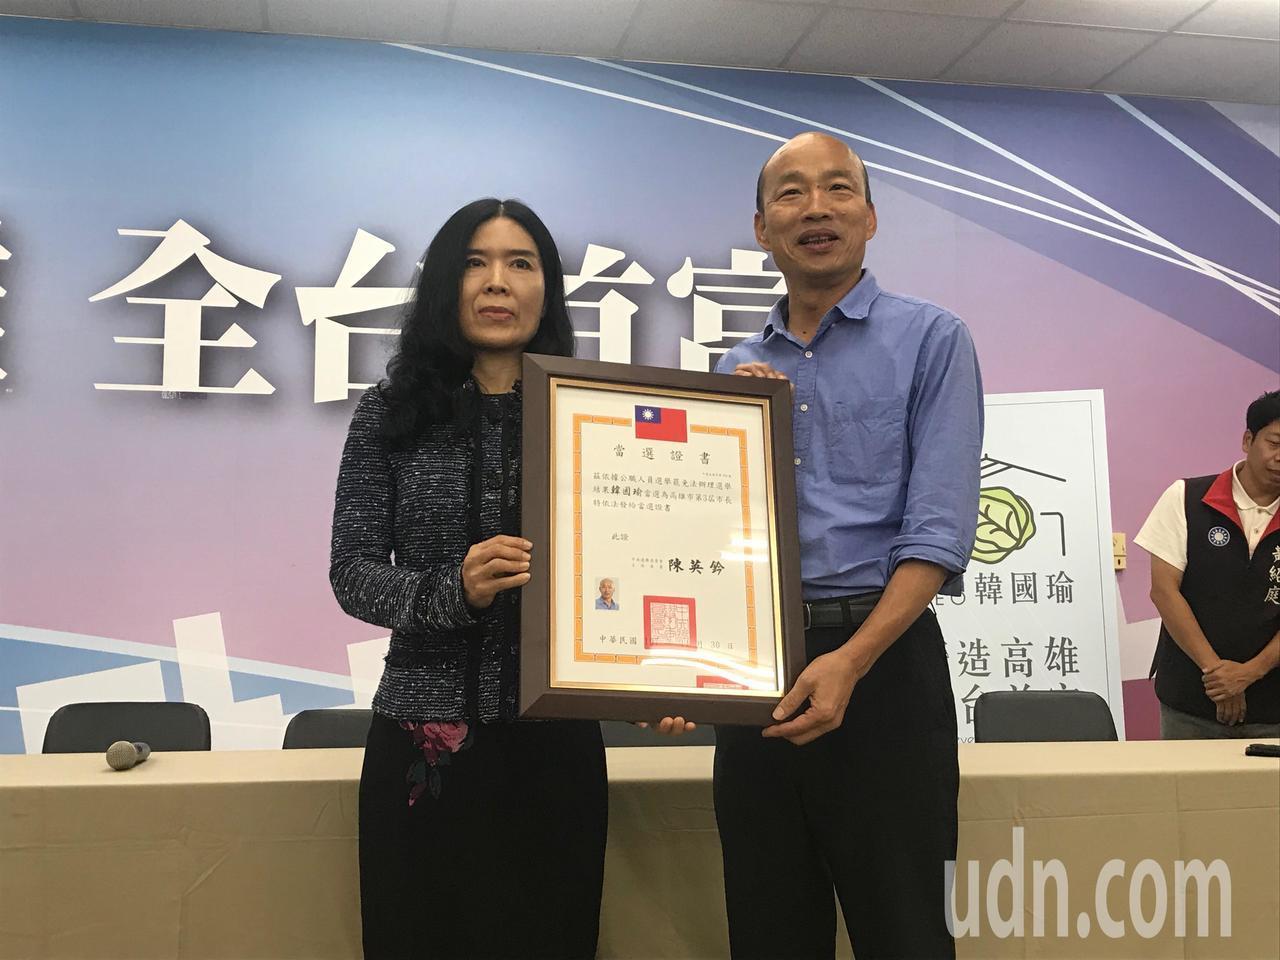 韓國瑜(右)接證書露出笑容。記者林伯驊/攝影